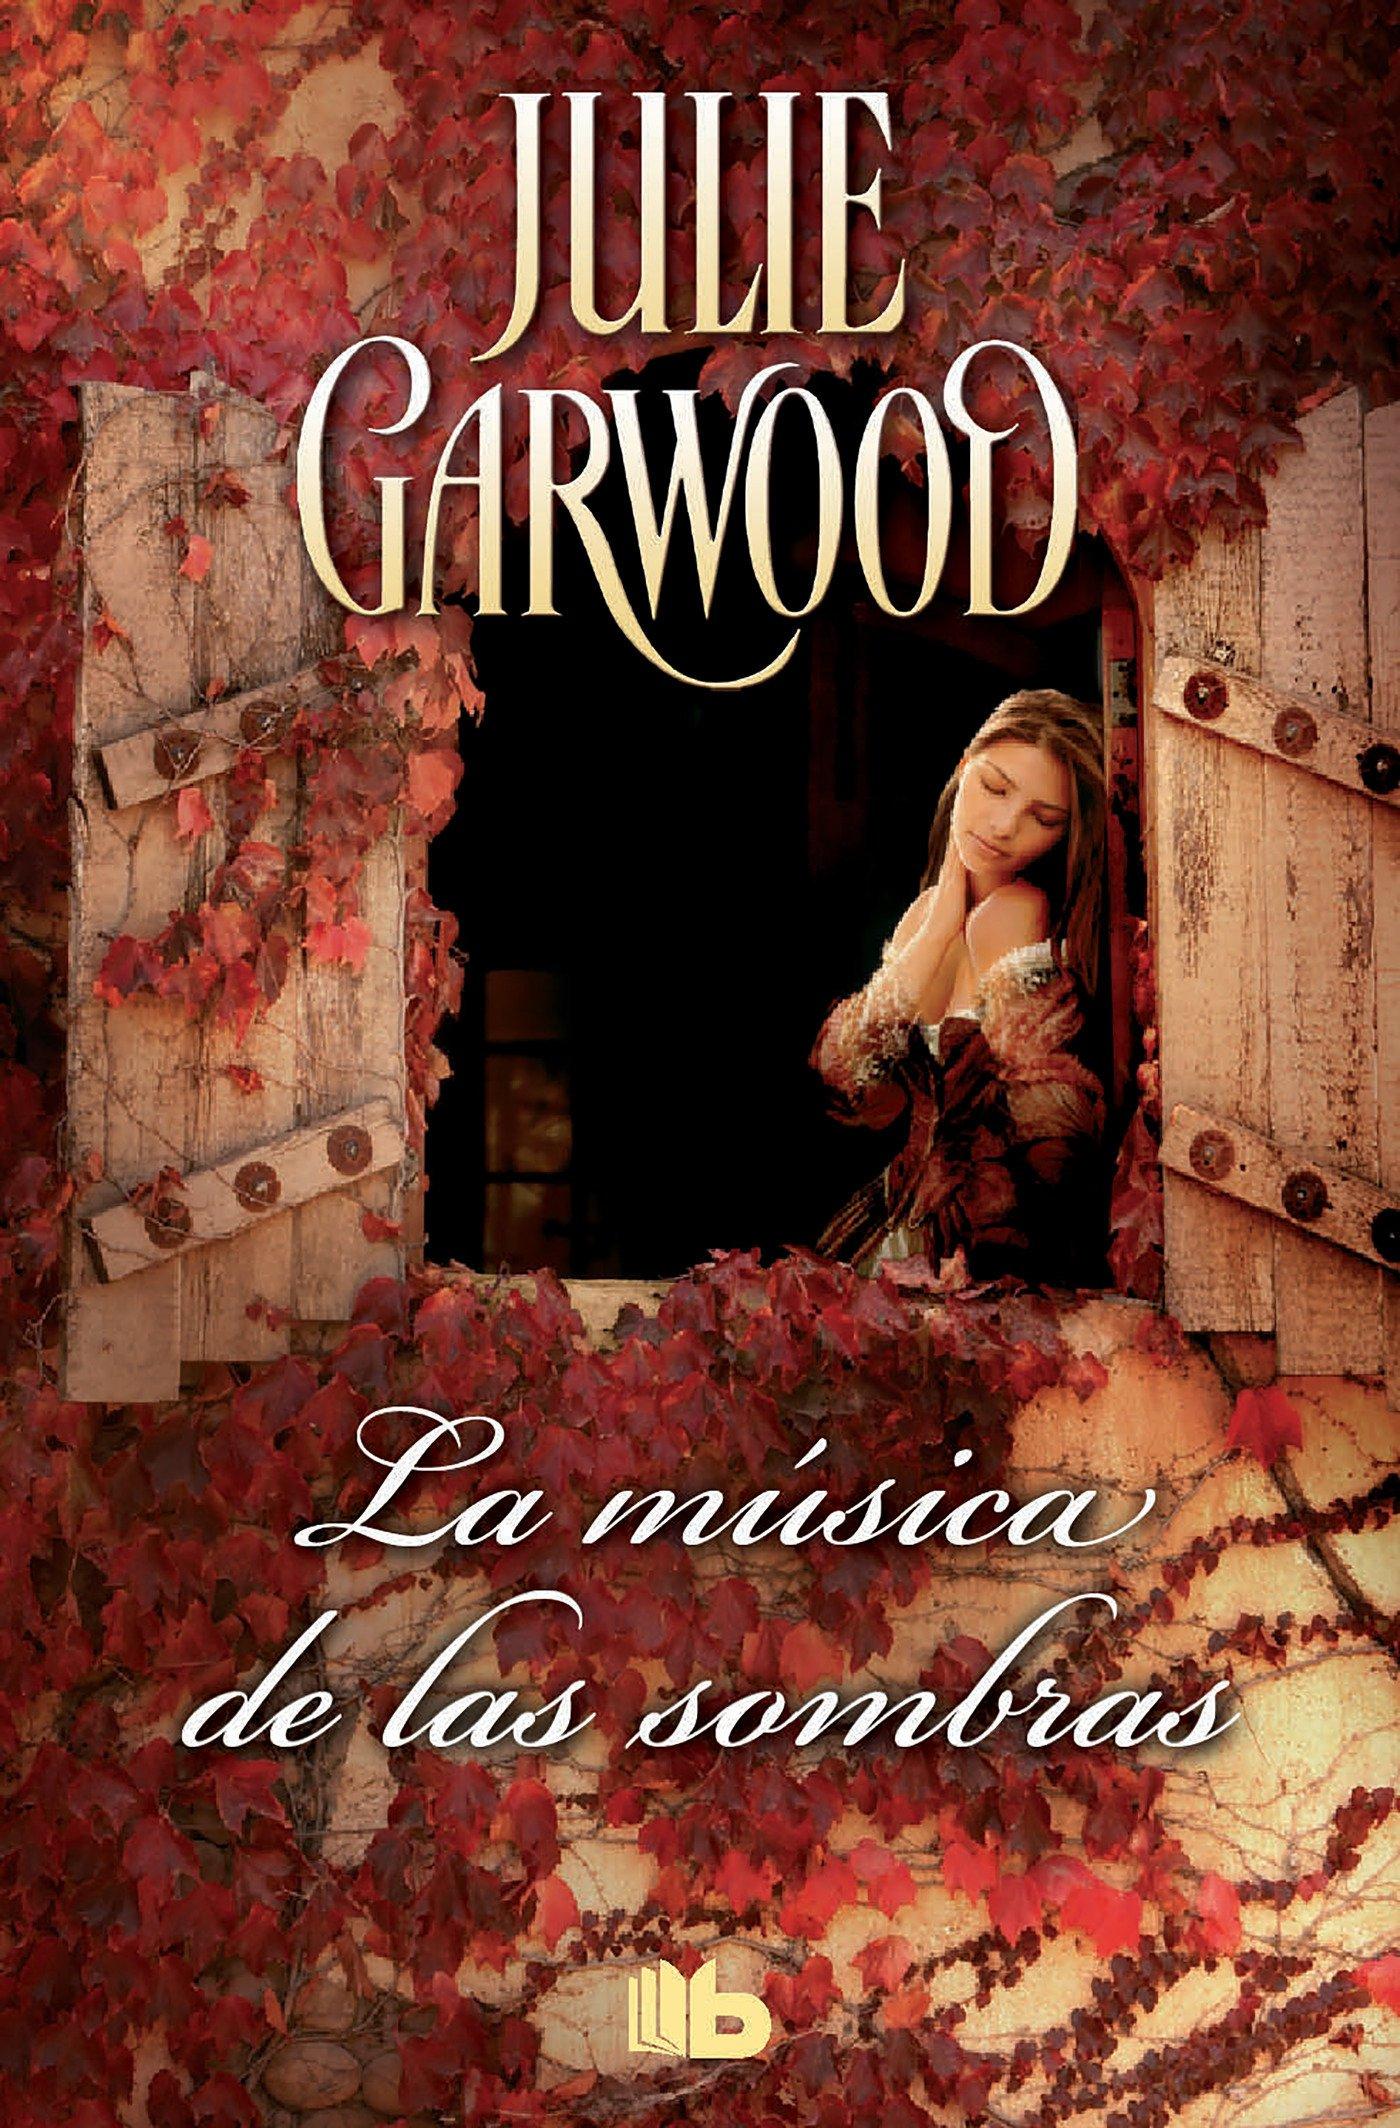 La música de las sombras Maitland 3 : Amor, aventura y misterio en la  Esocia medieval B DE BOLSILLO: Amazon.es: Julie Garwood: Libros